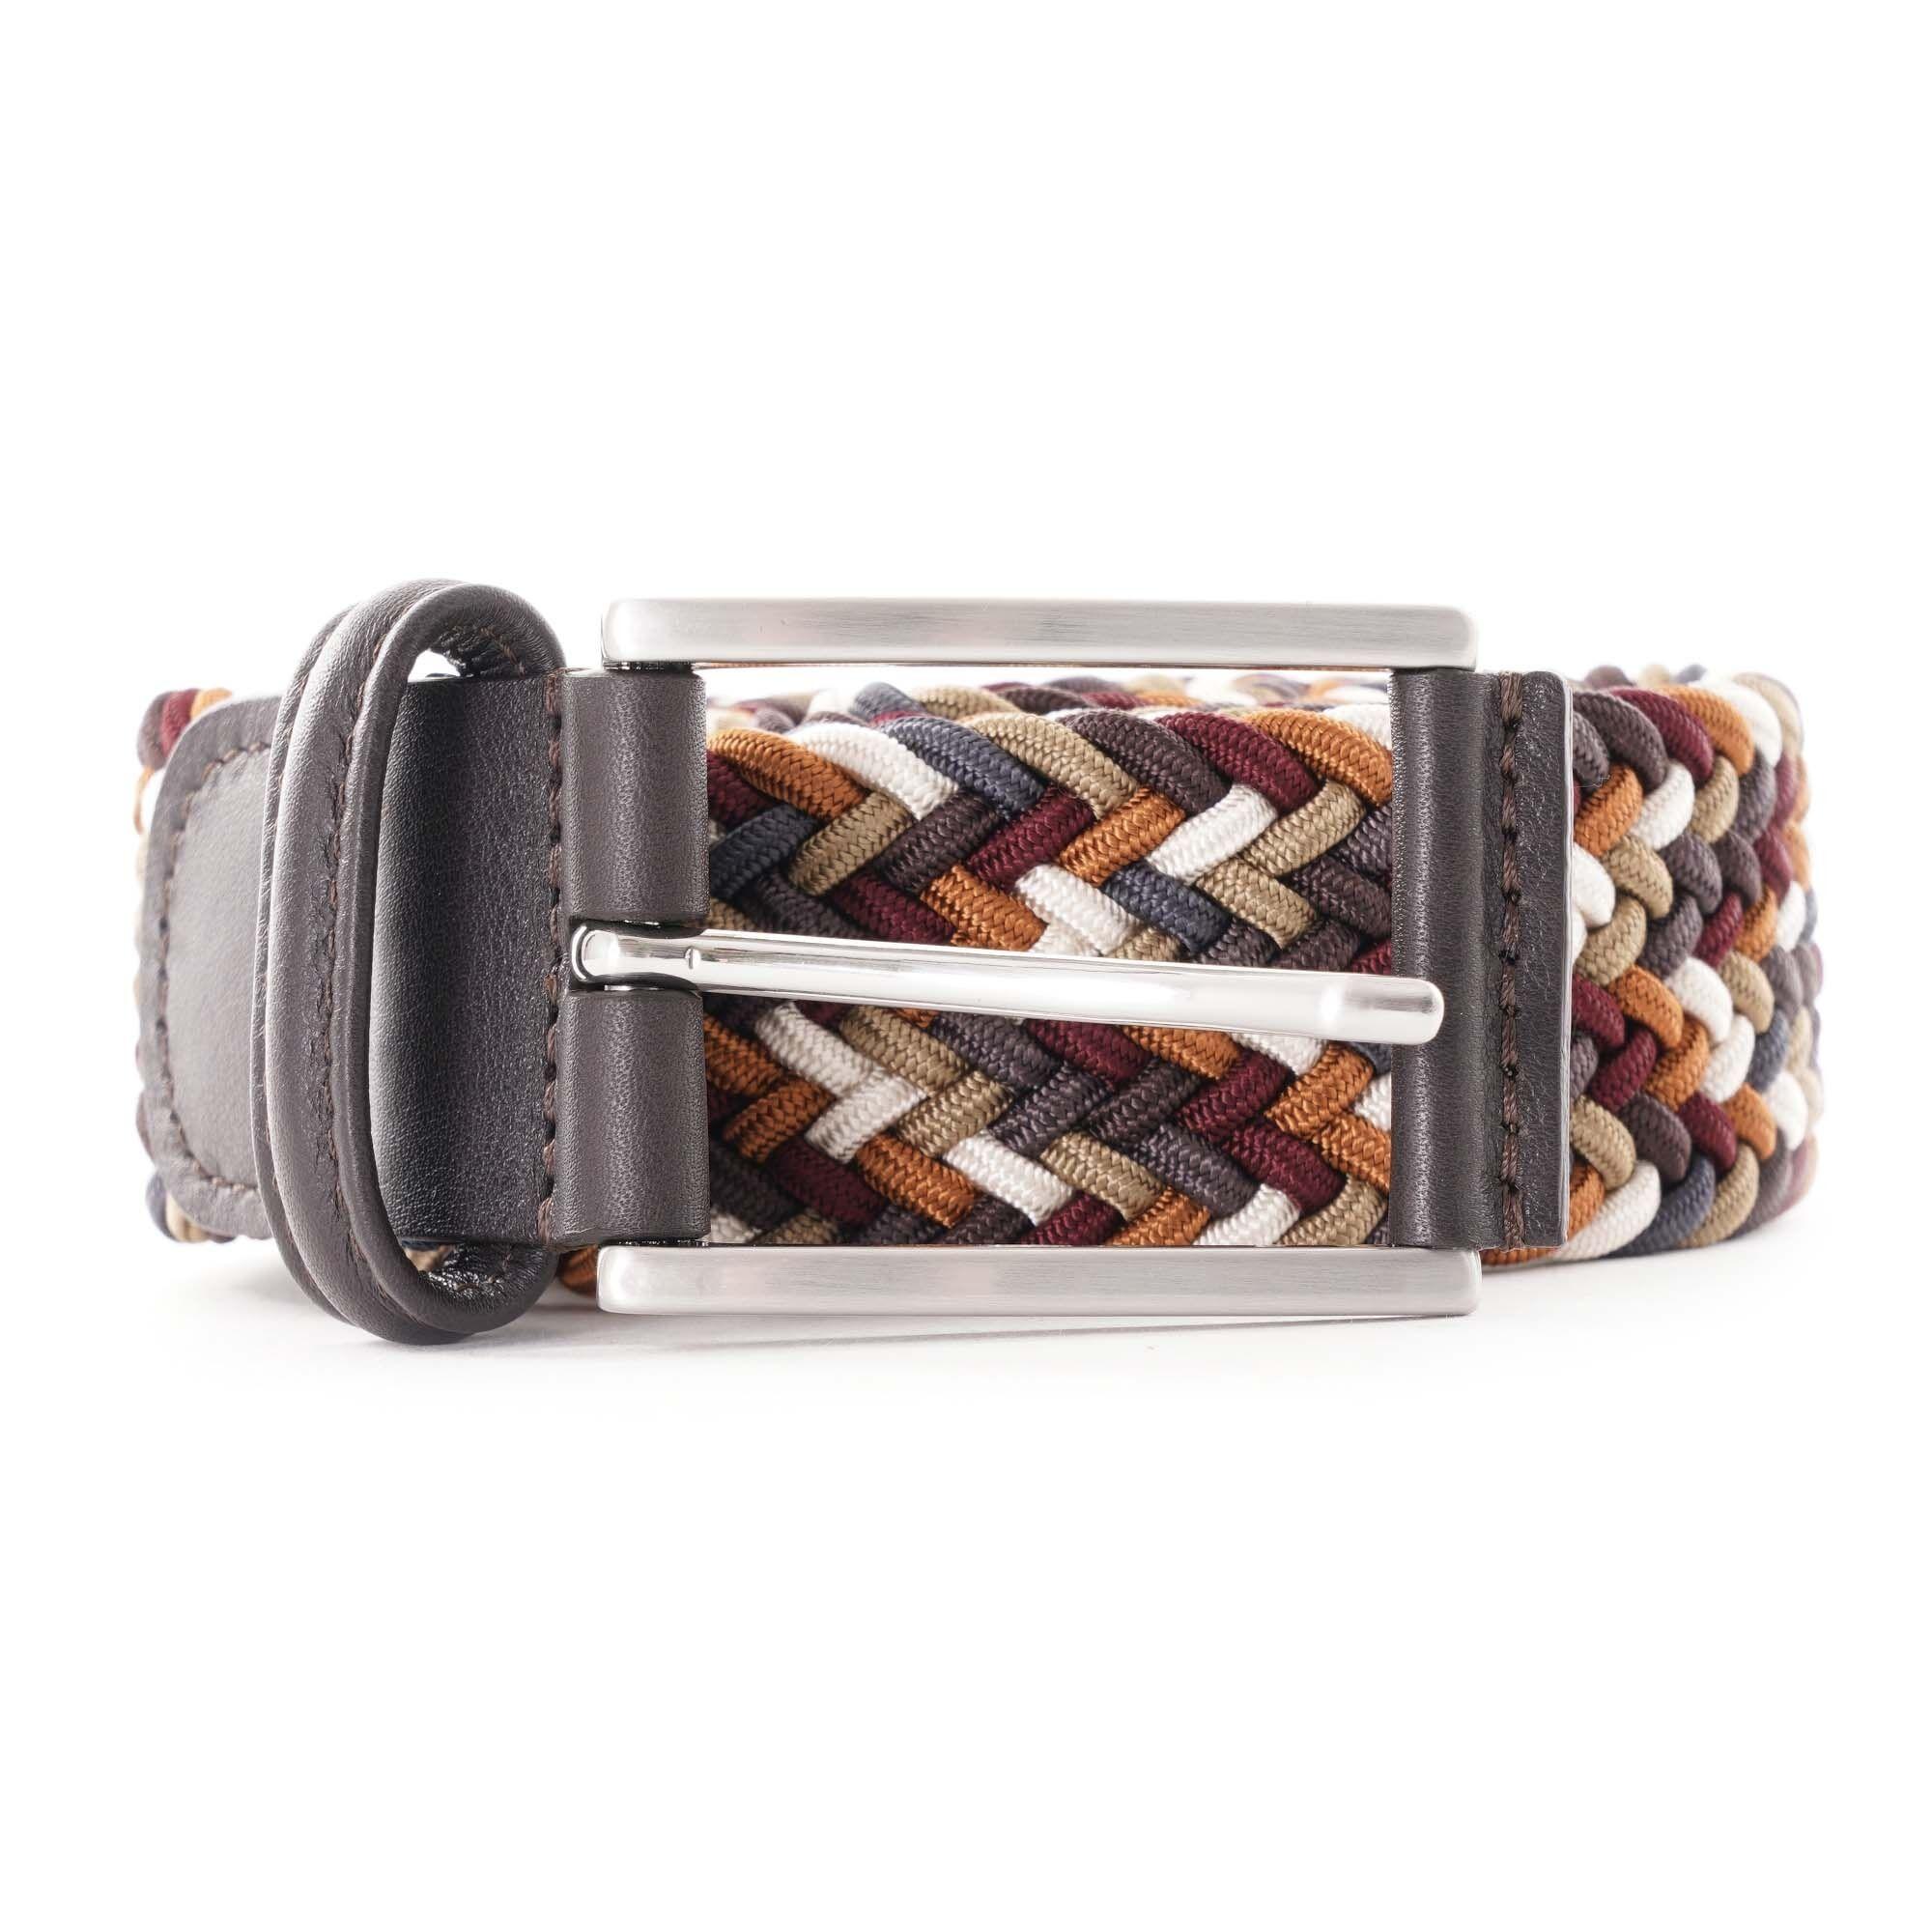 Anderson's Belts Woven Belt - Brown Multi AF3689-111